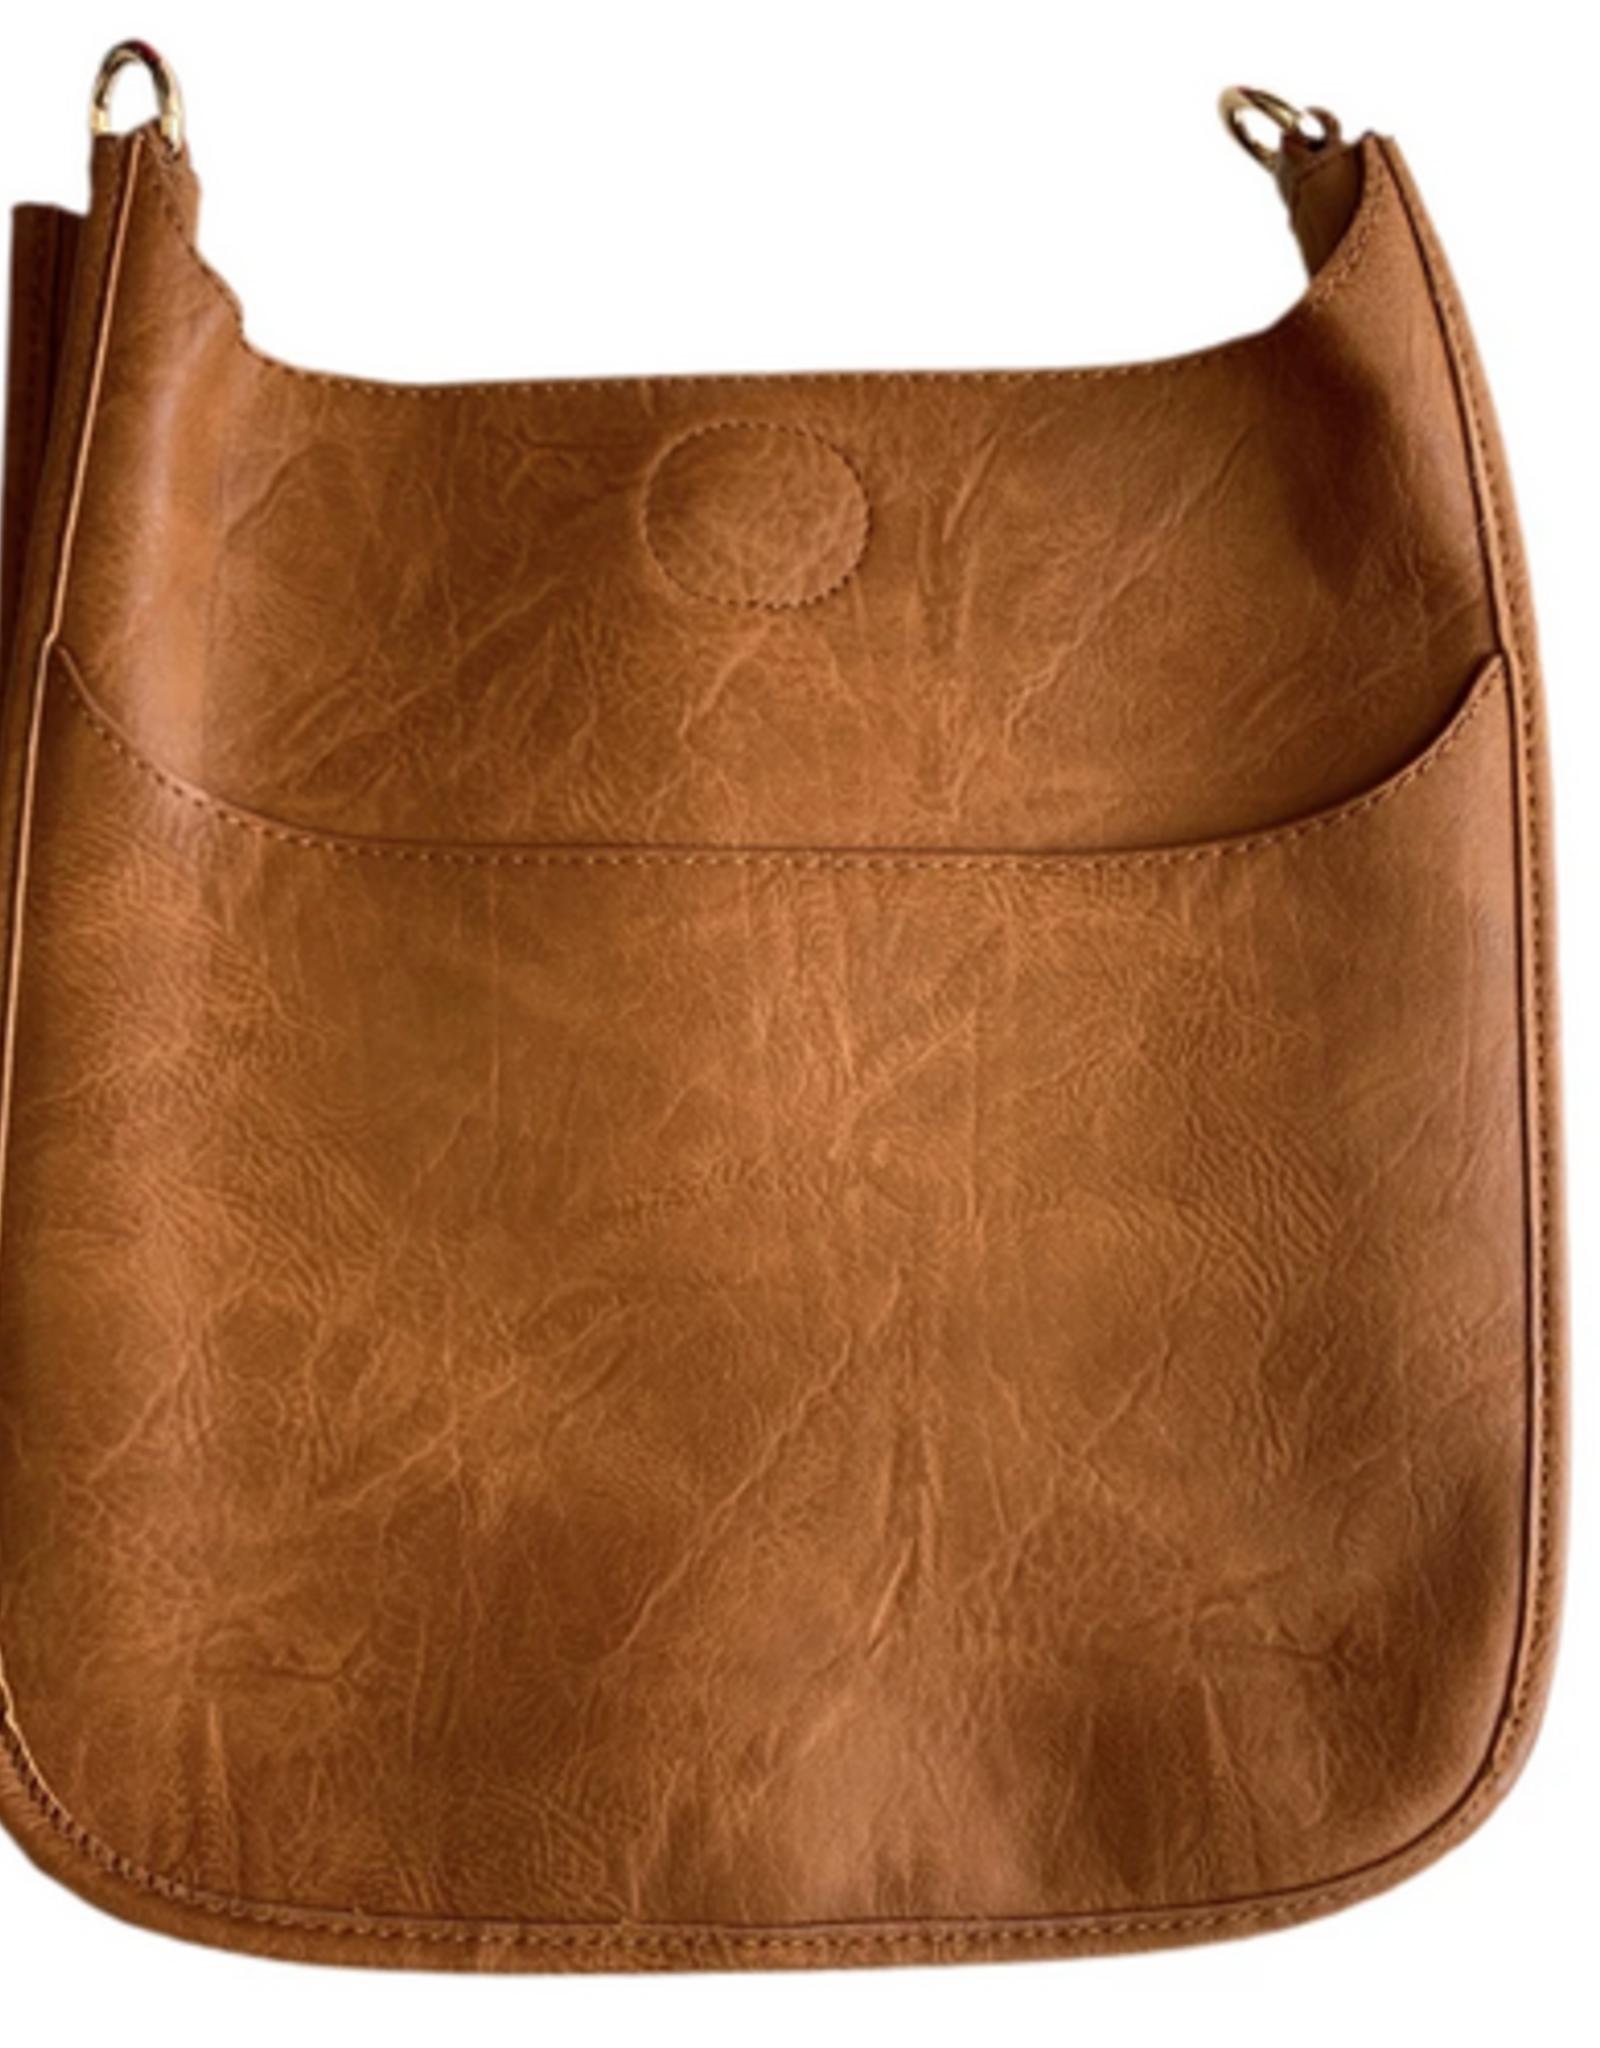 Large Vegan Messenger Bag w/gold hardware